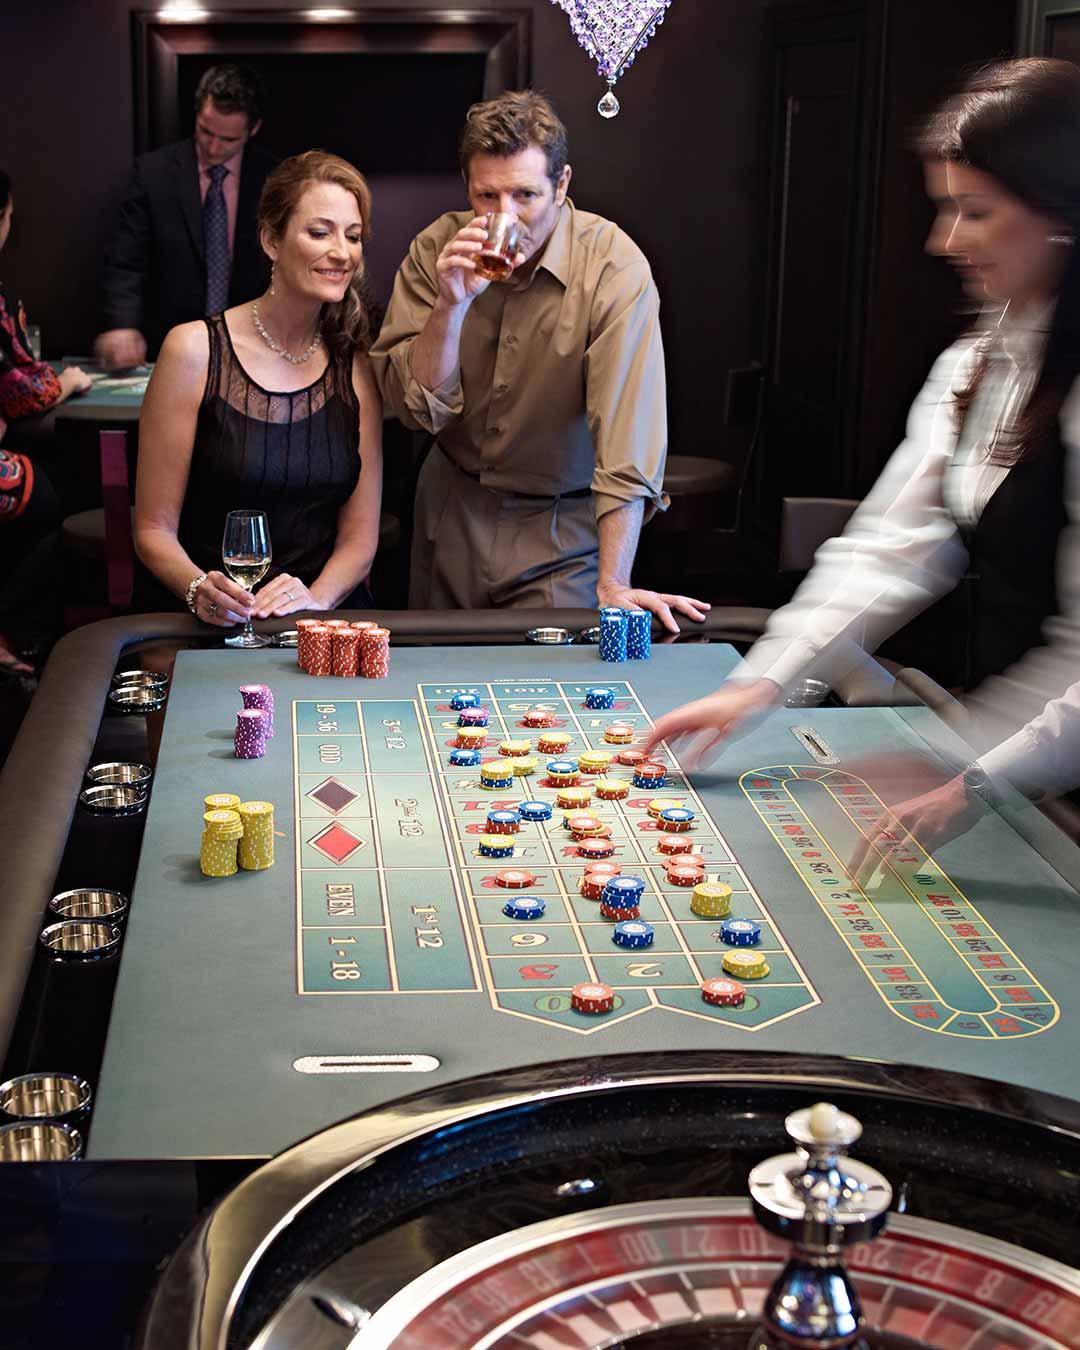 oceania-casino-1080x1350